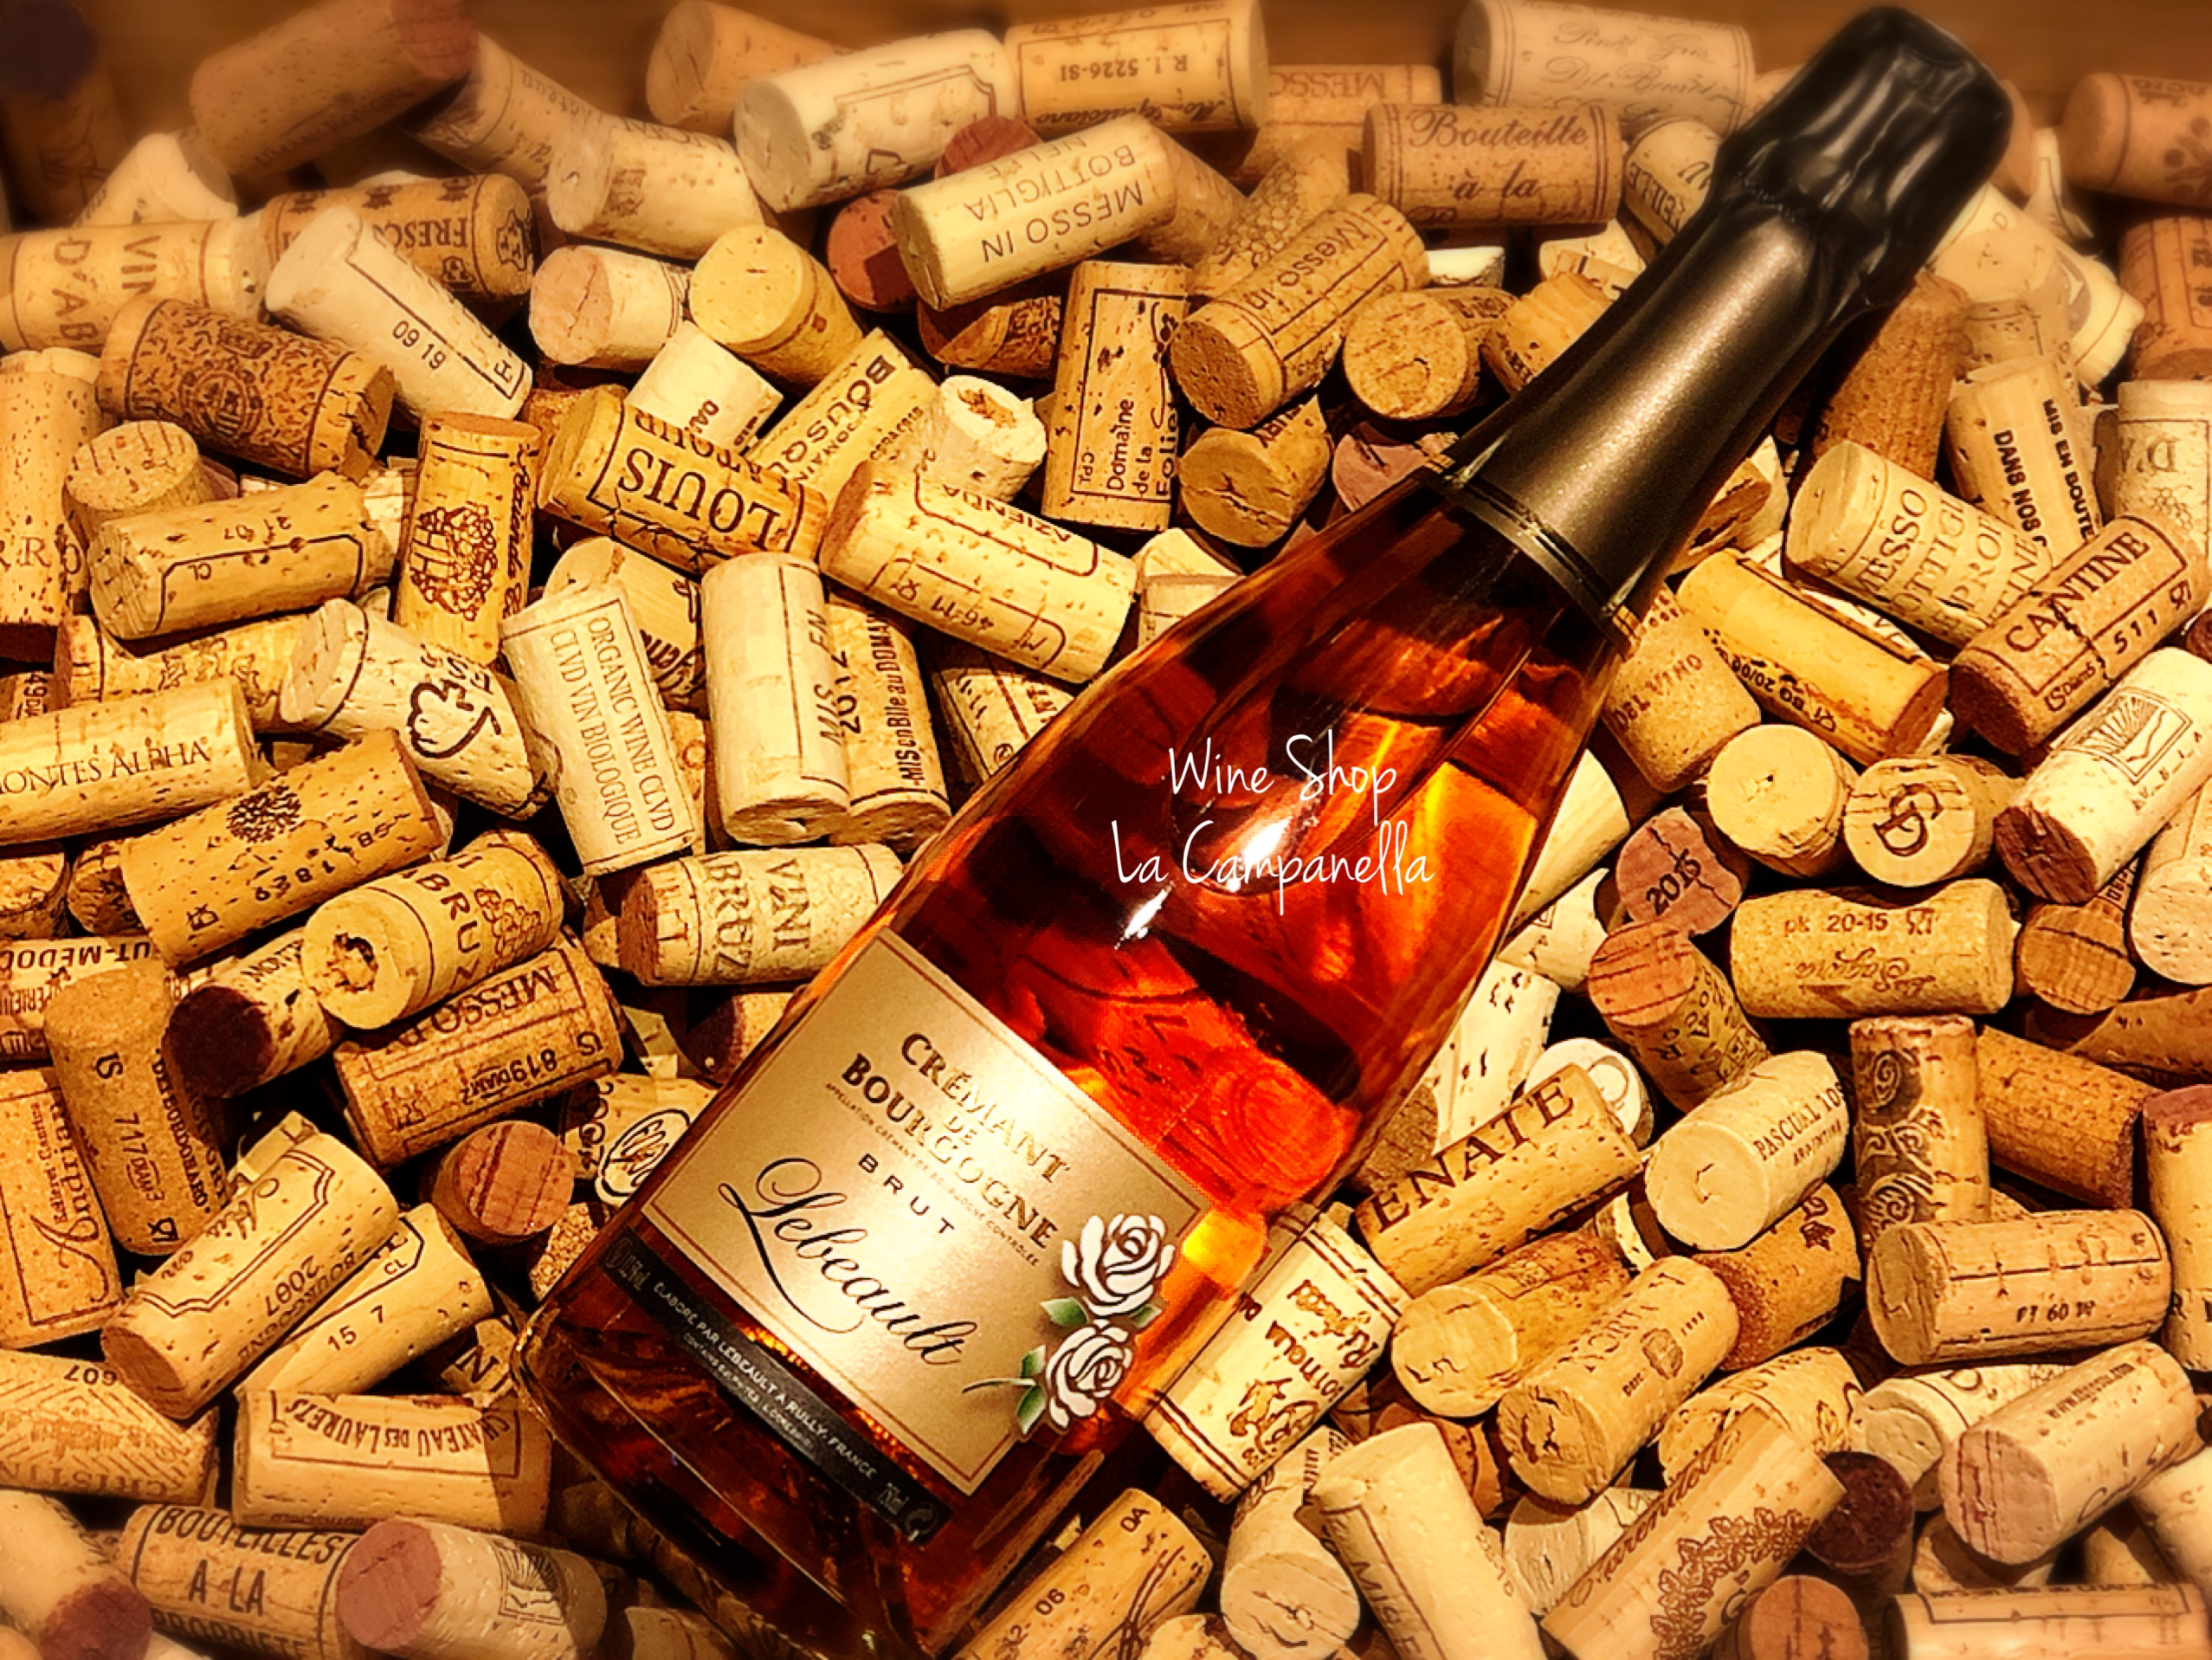 Domaine Lebeault Cremant de Bourgogne Rose